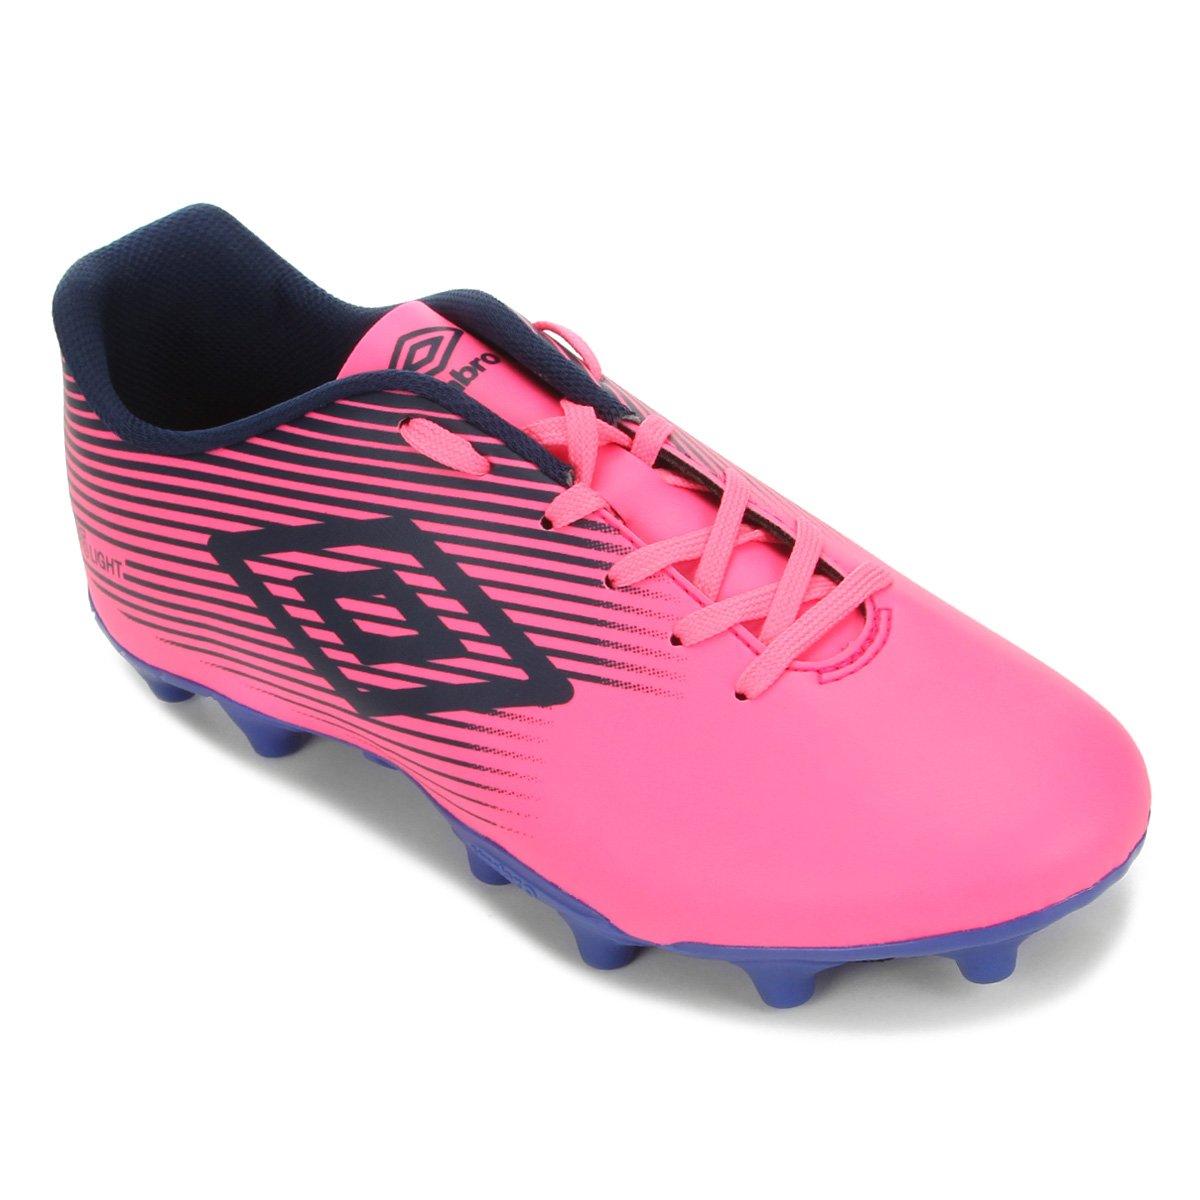 Chuteira Umbro Campo Pink/Marinho Feminina F5 Light